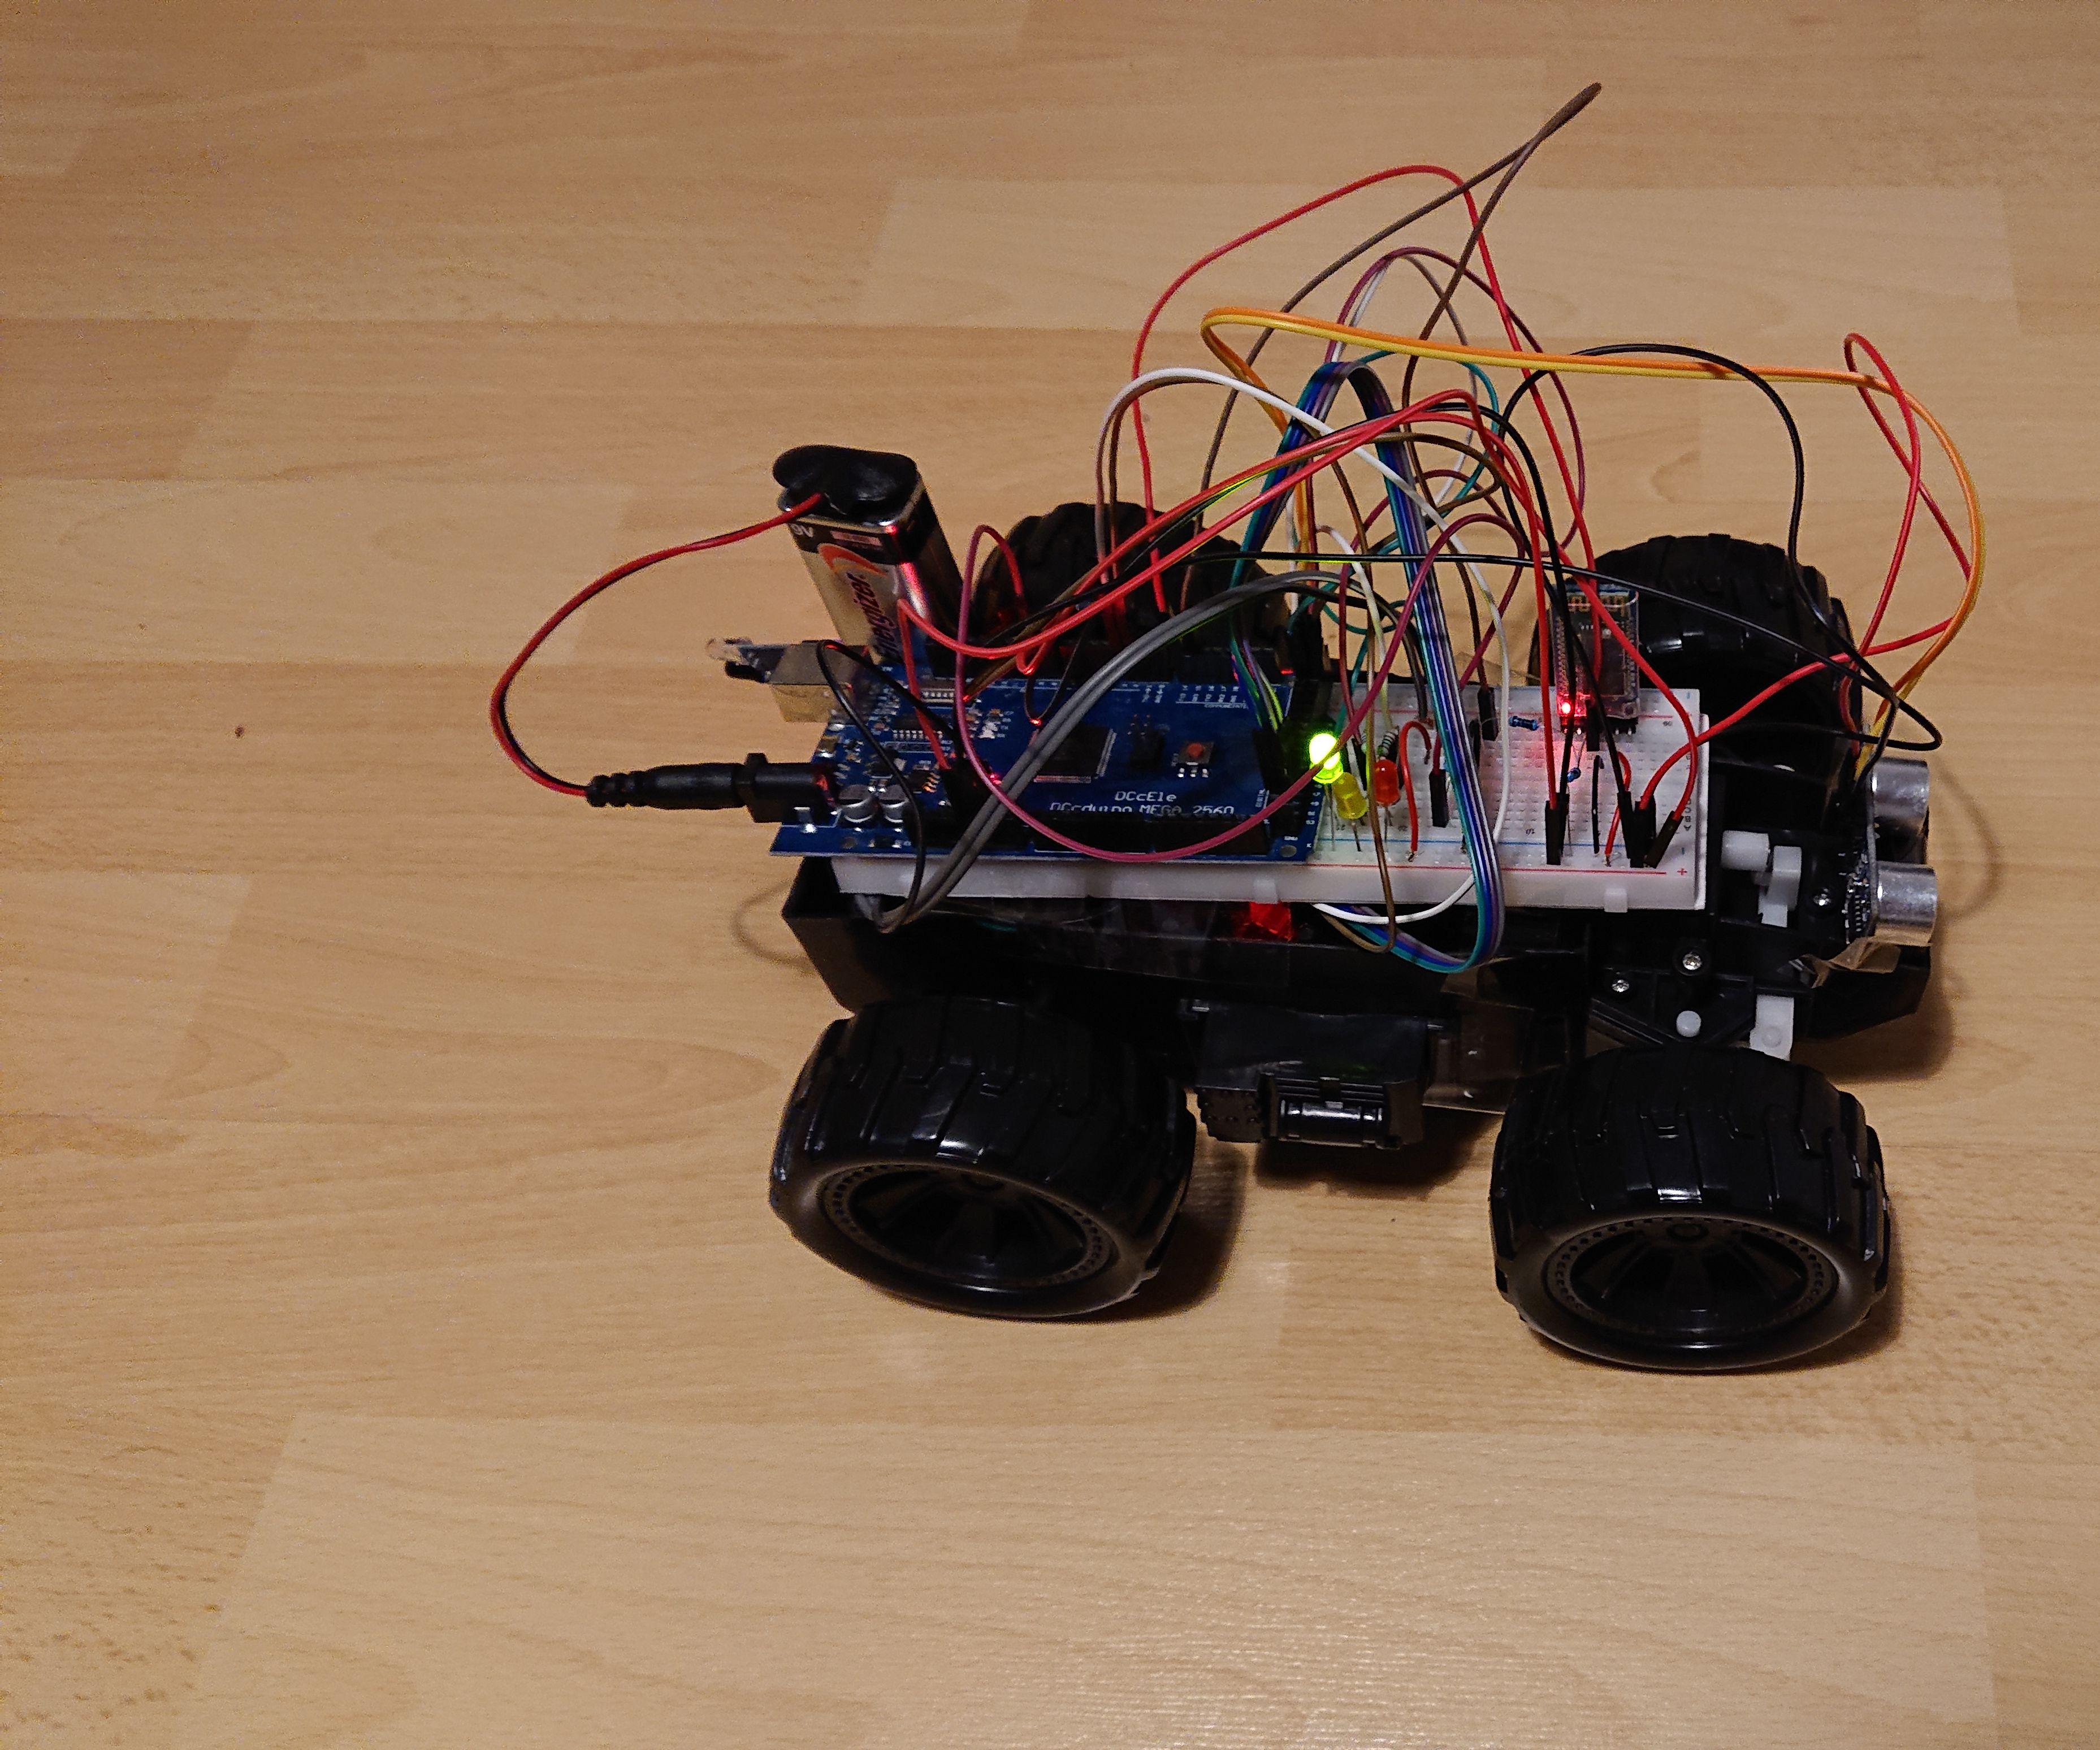 UCL - Embedded - Warningsystem - RC Car